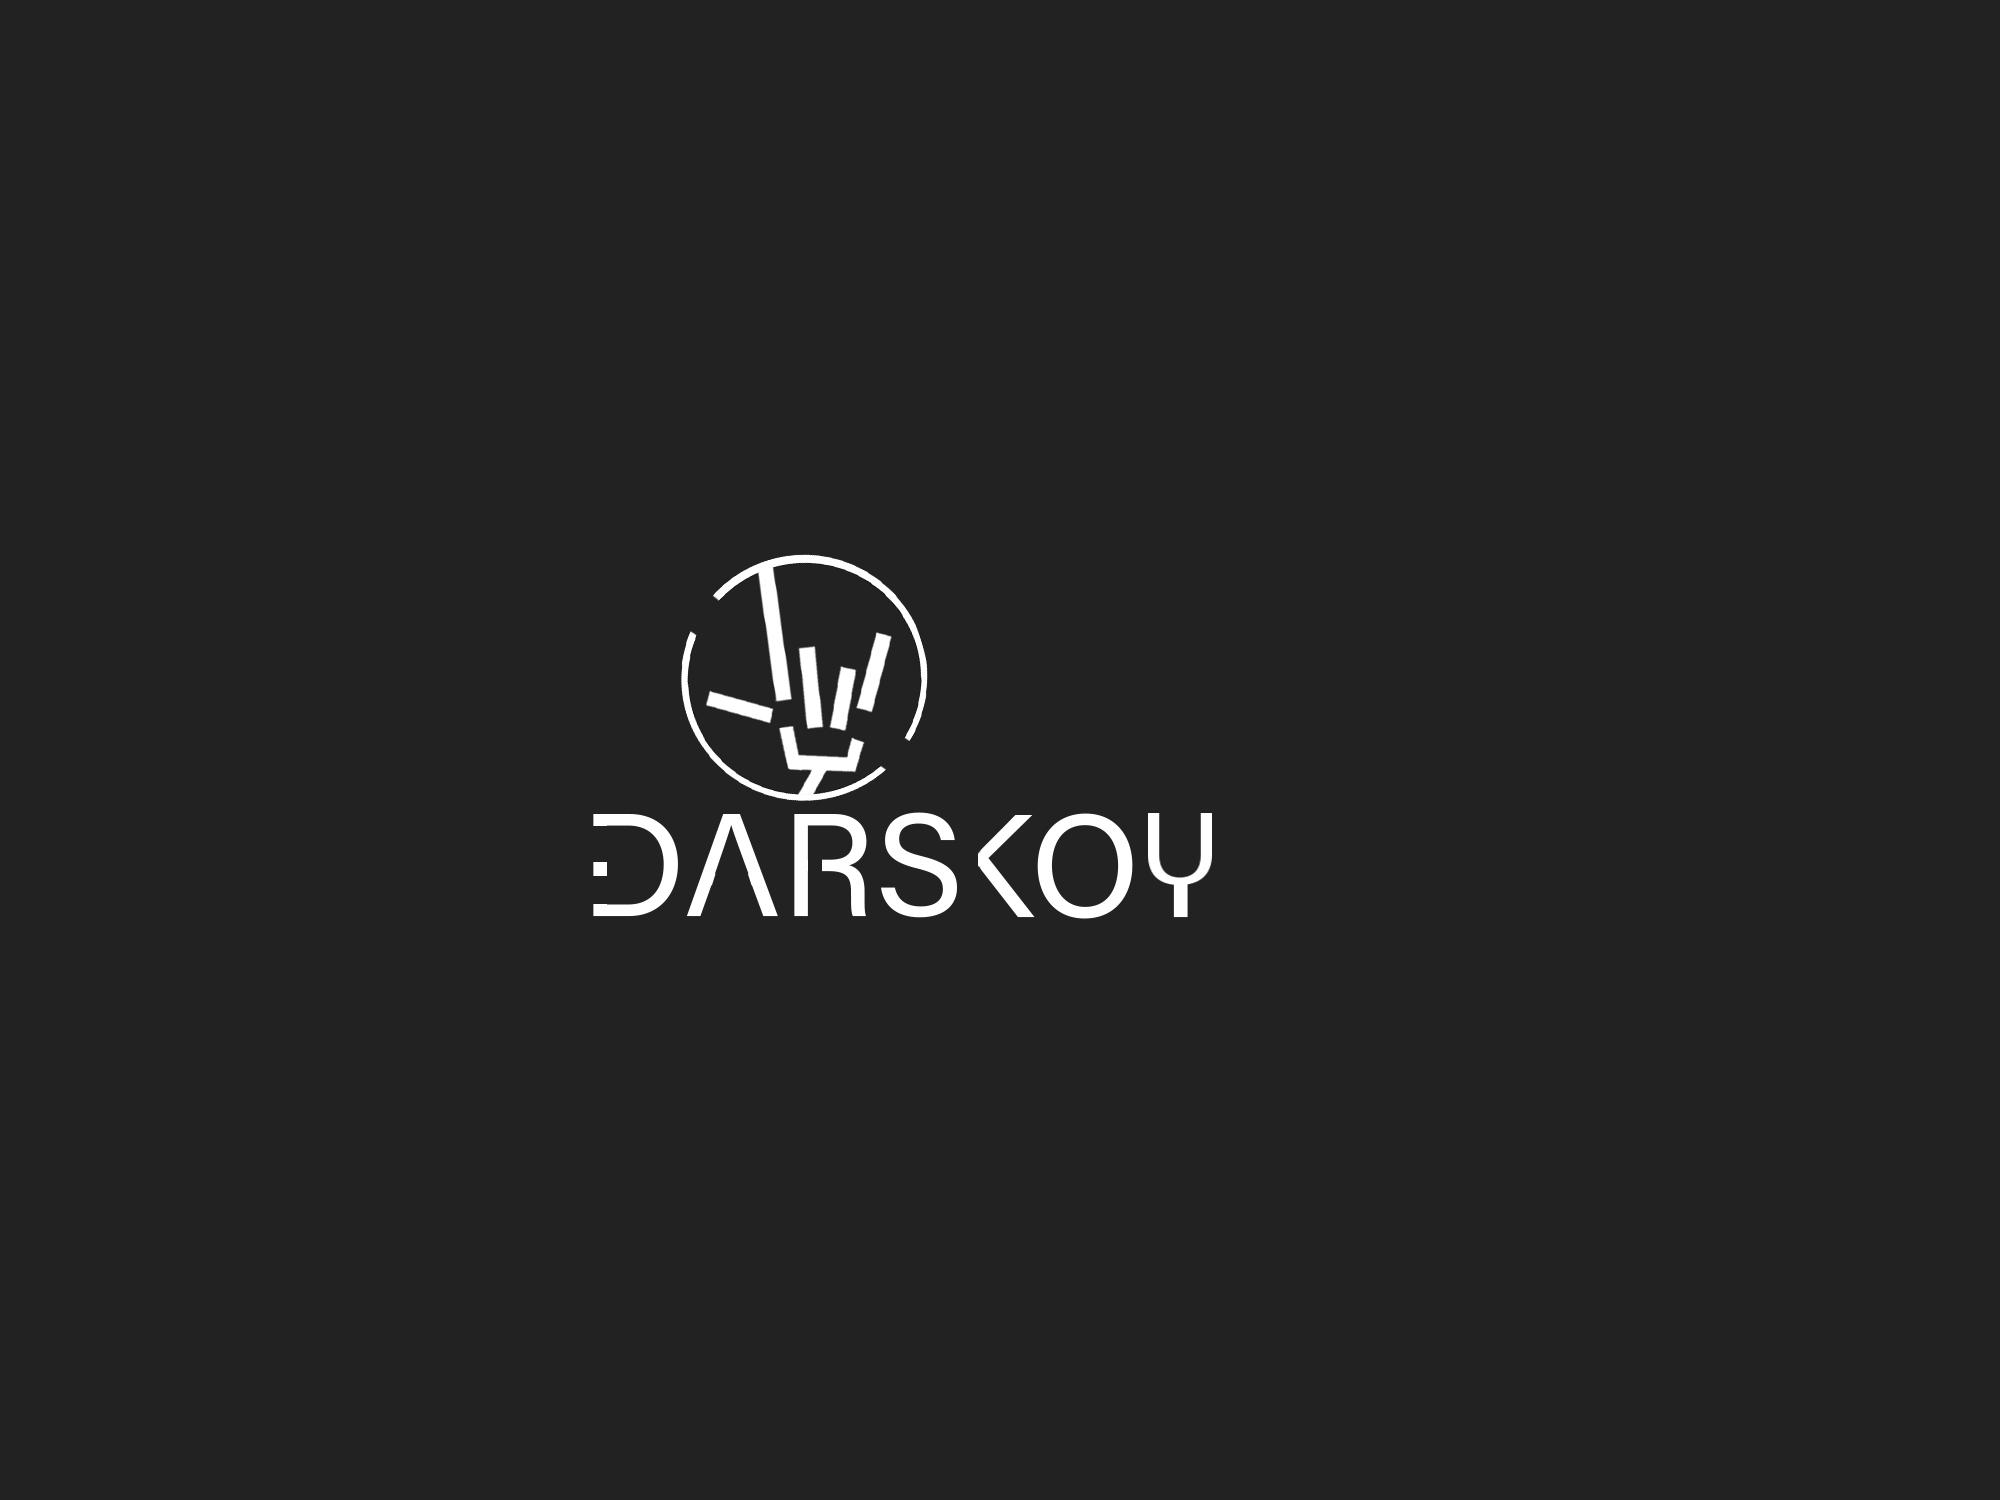 Нарисовать логотип для сольного музыкального проекта фото f_9655ba9057223f33.jpg